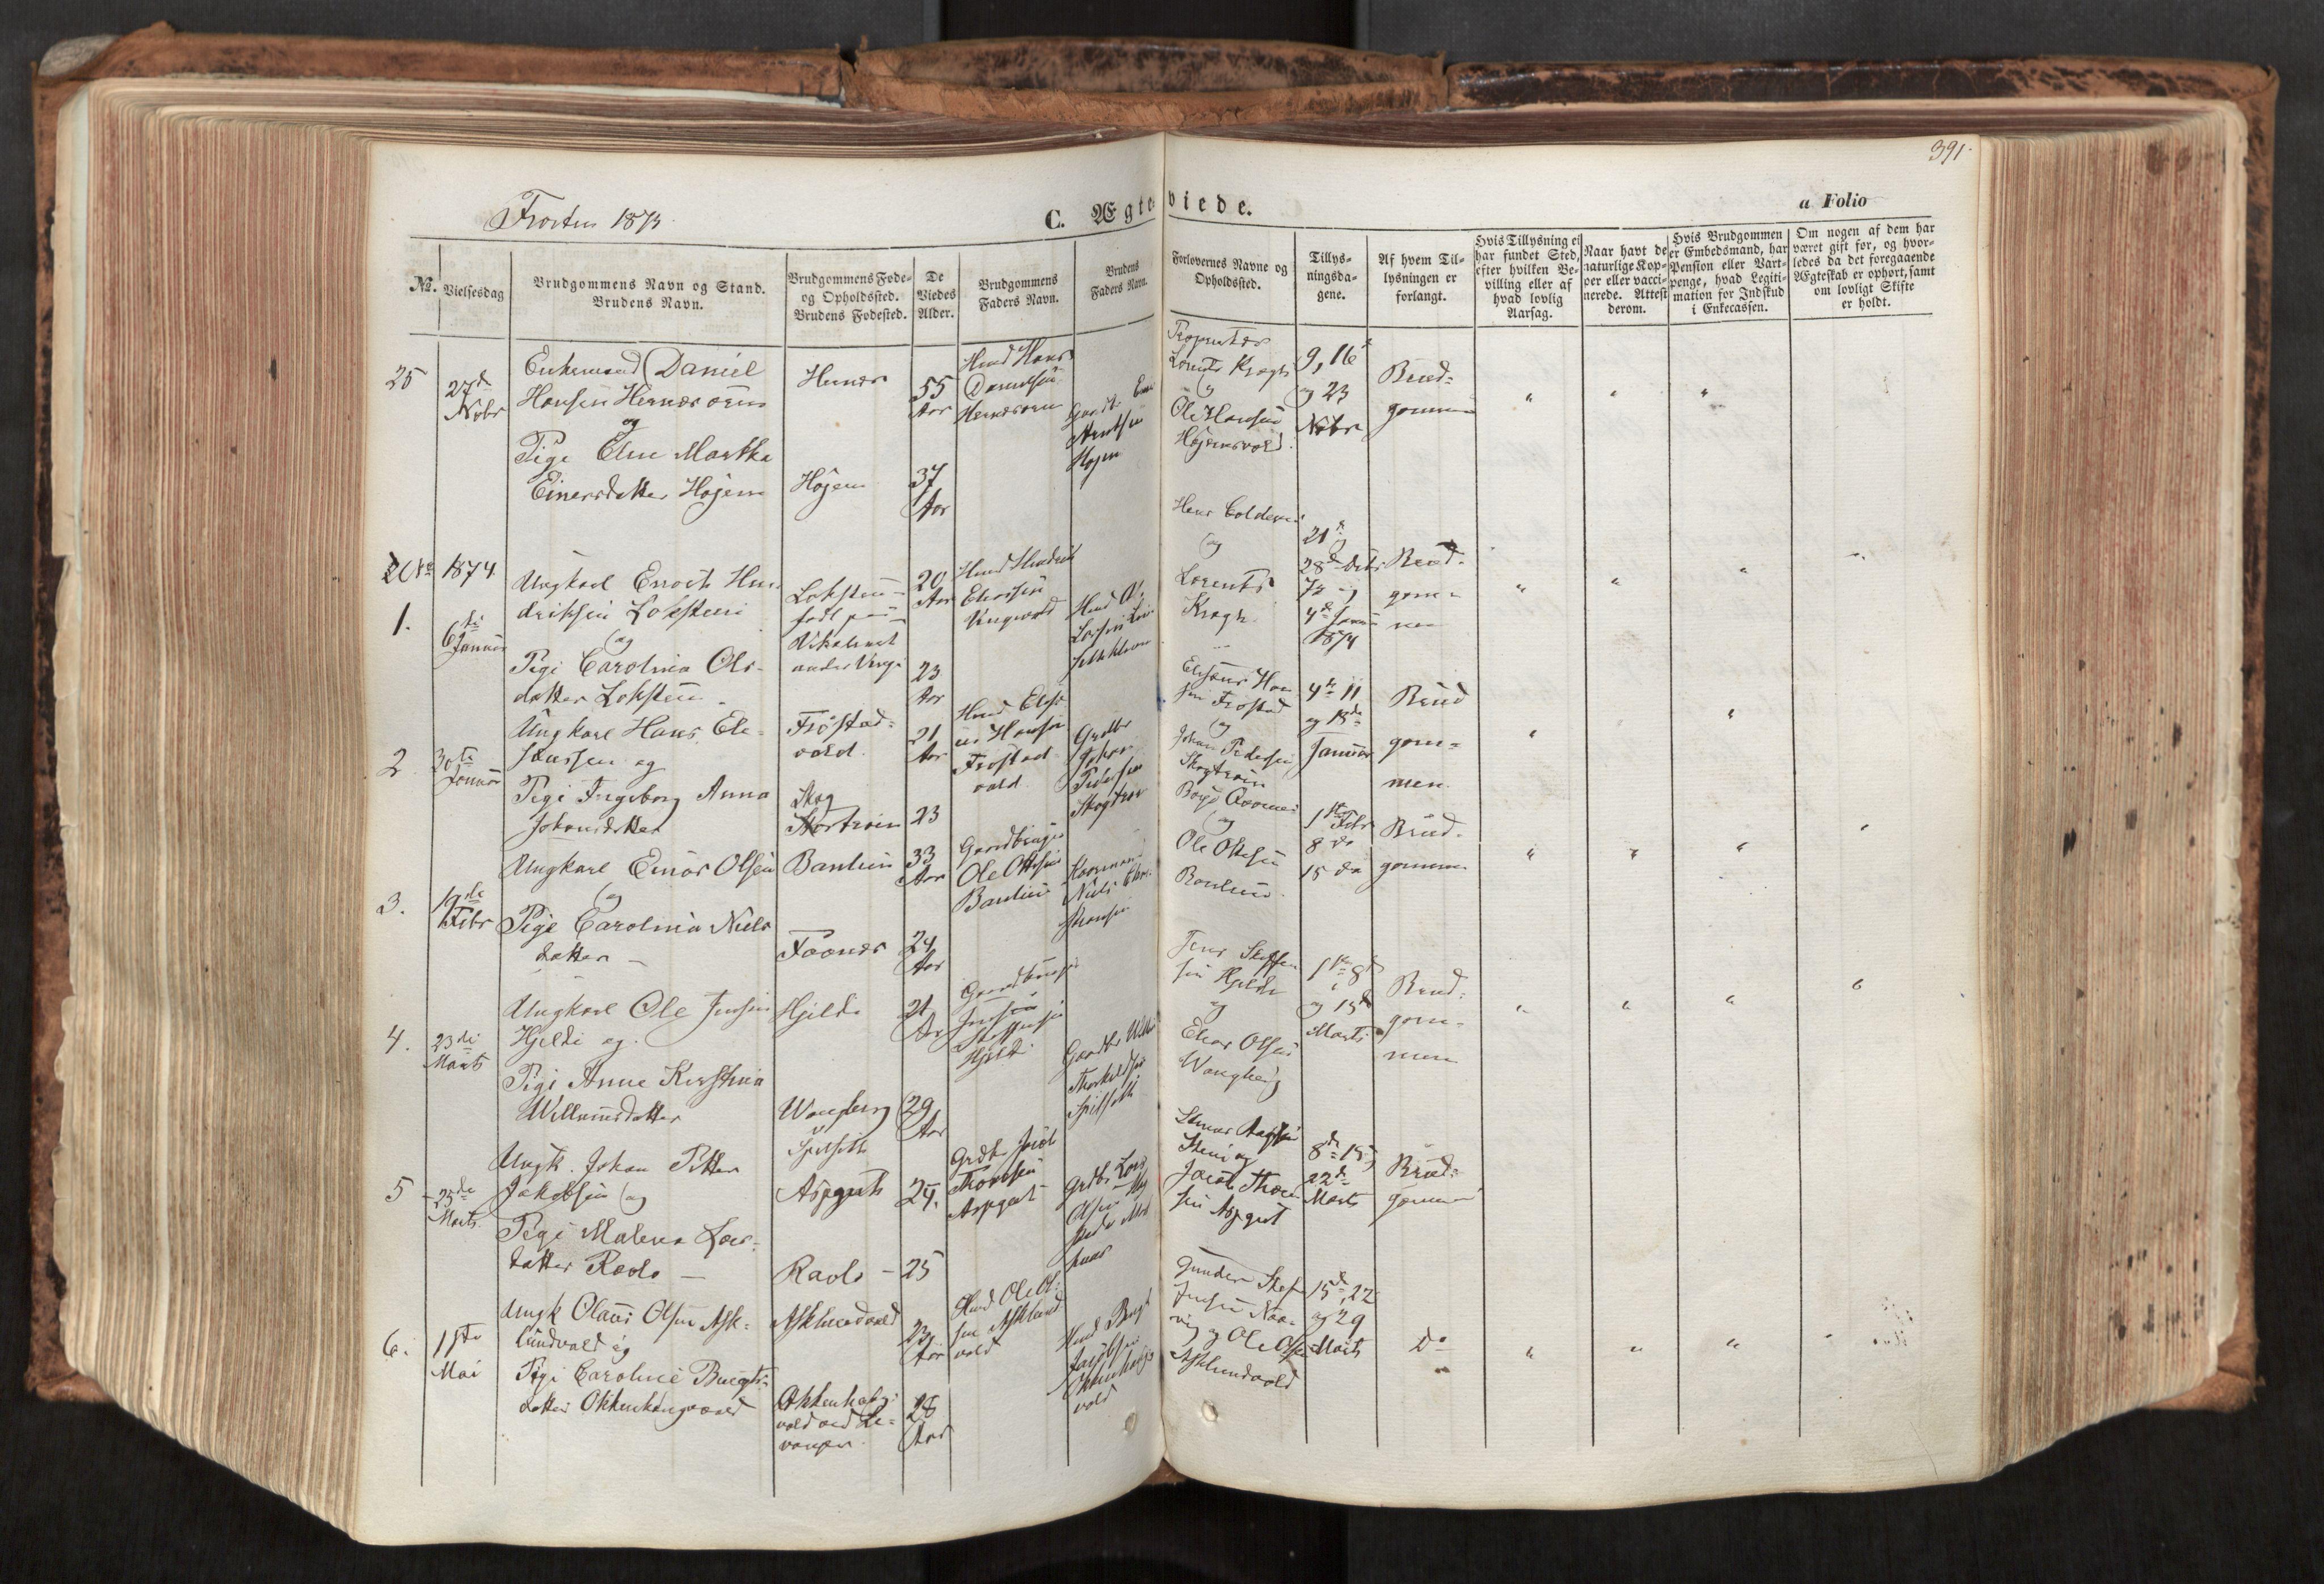 SAT, Ministerialprotokoller, klokkerbøker og fødselsregistre - Nord-Trøndelag, 713/L0116: Ministerialbok nr. 713A07, 1850-1877, s. 391